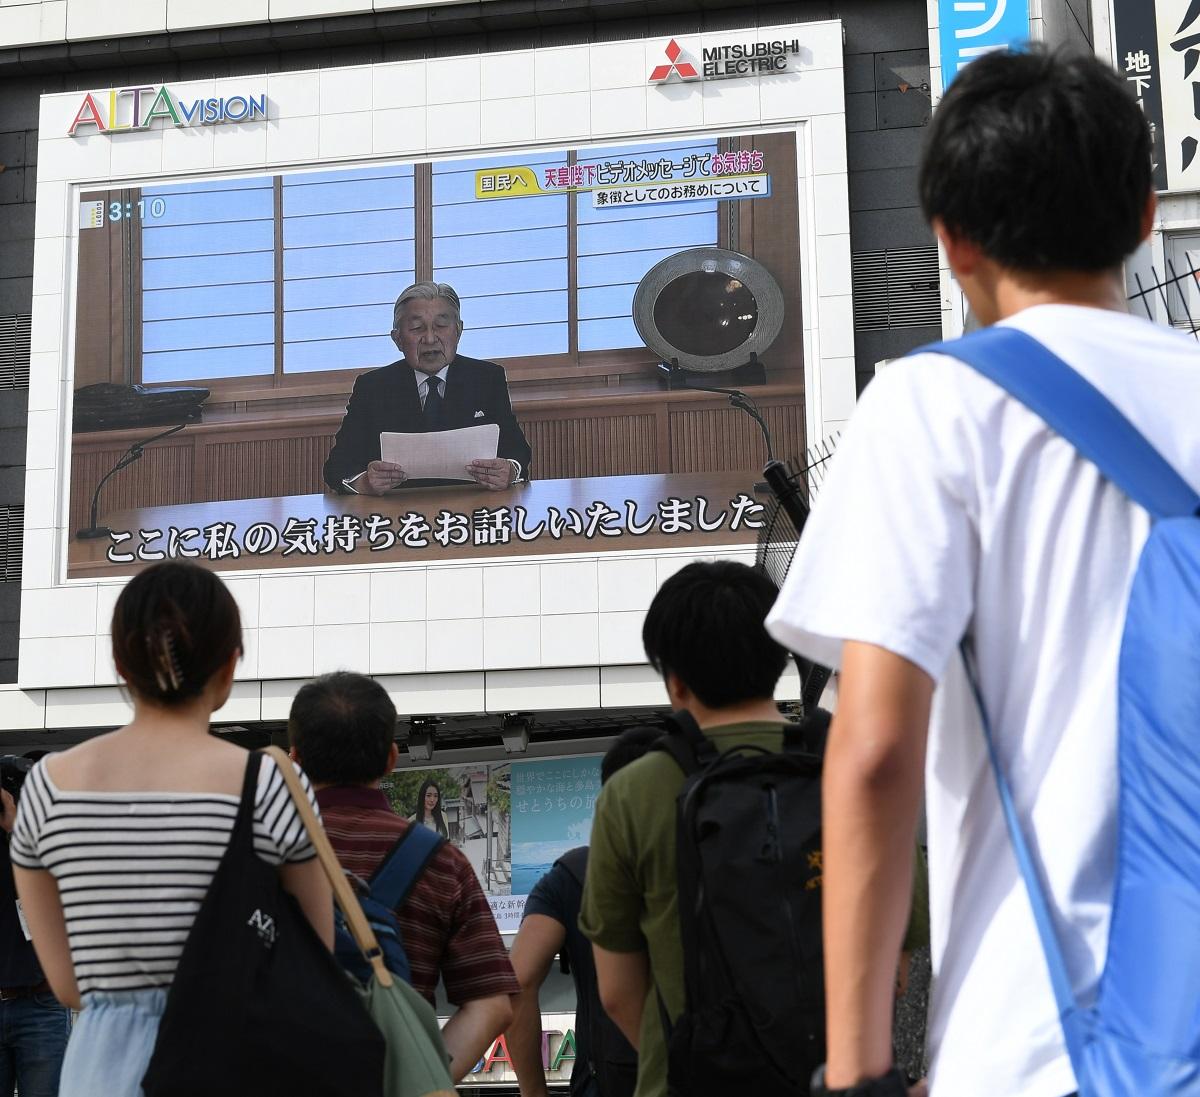 写真・図版 : 生前退位を希望する天皇のビデオメッセージを見上げる人々=2016年8月8日、東京・新宿